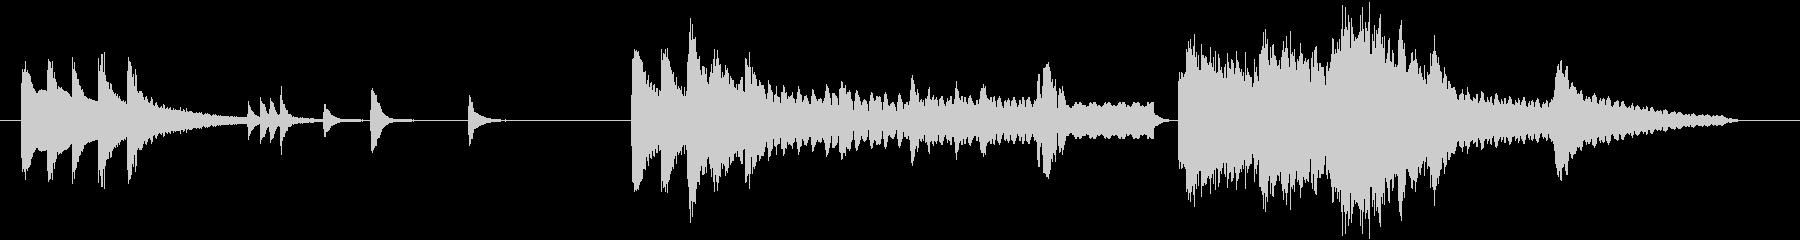 【和風】琴尺八三味線優美な短い曲・音ロゴの未再生の波形